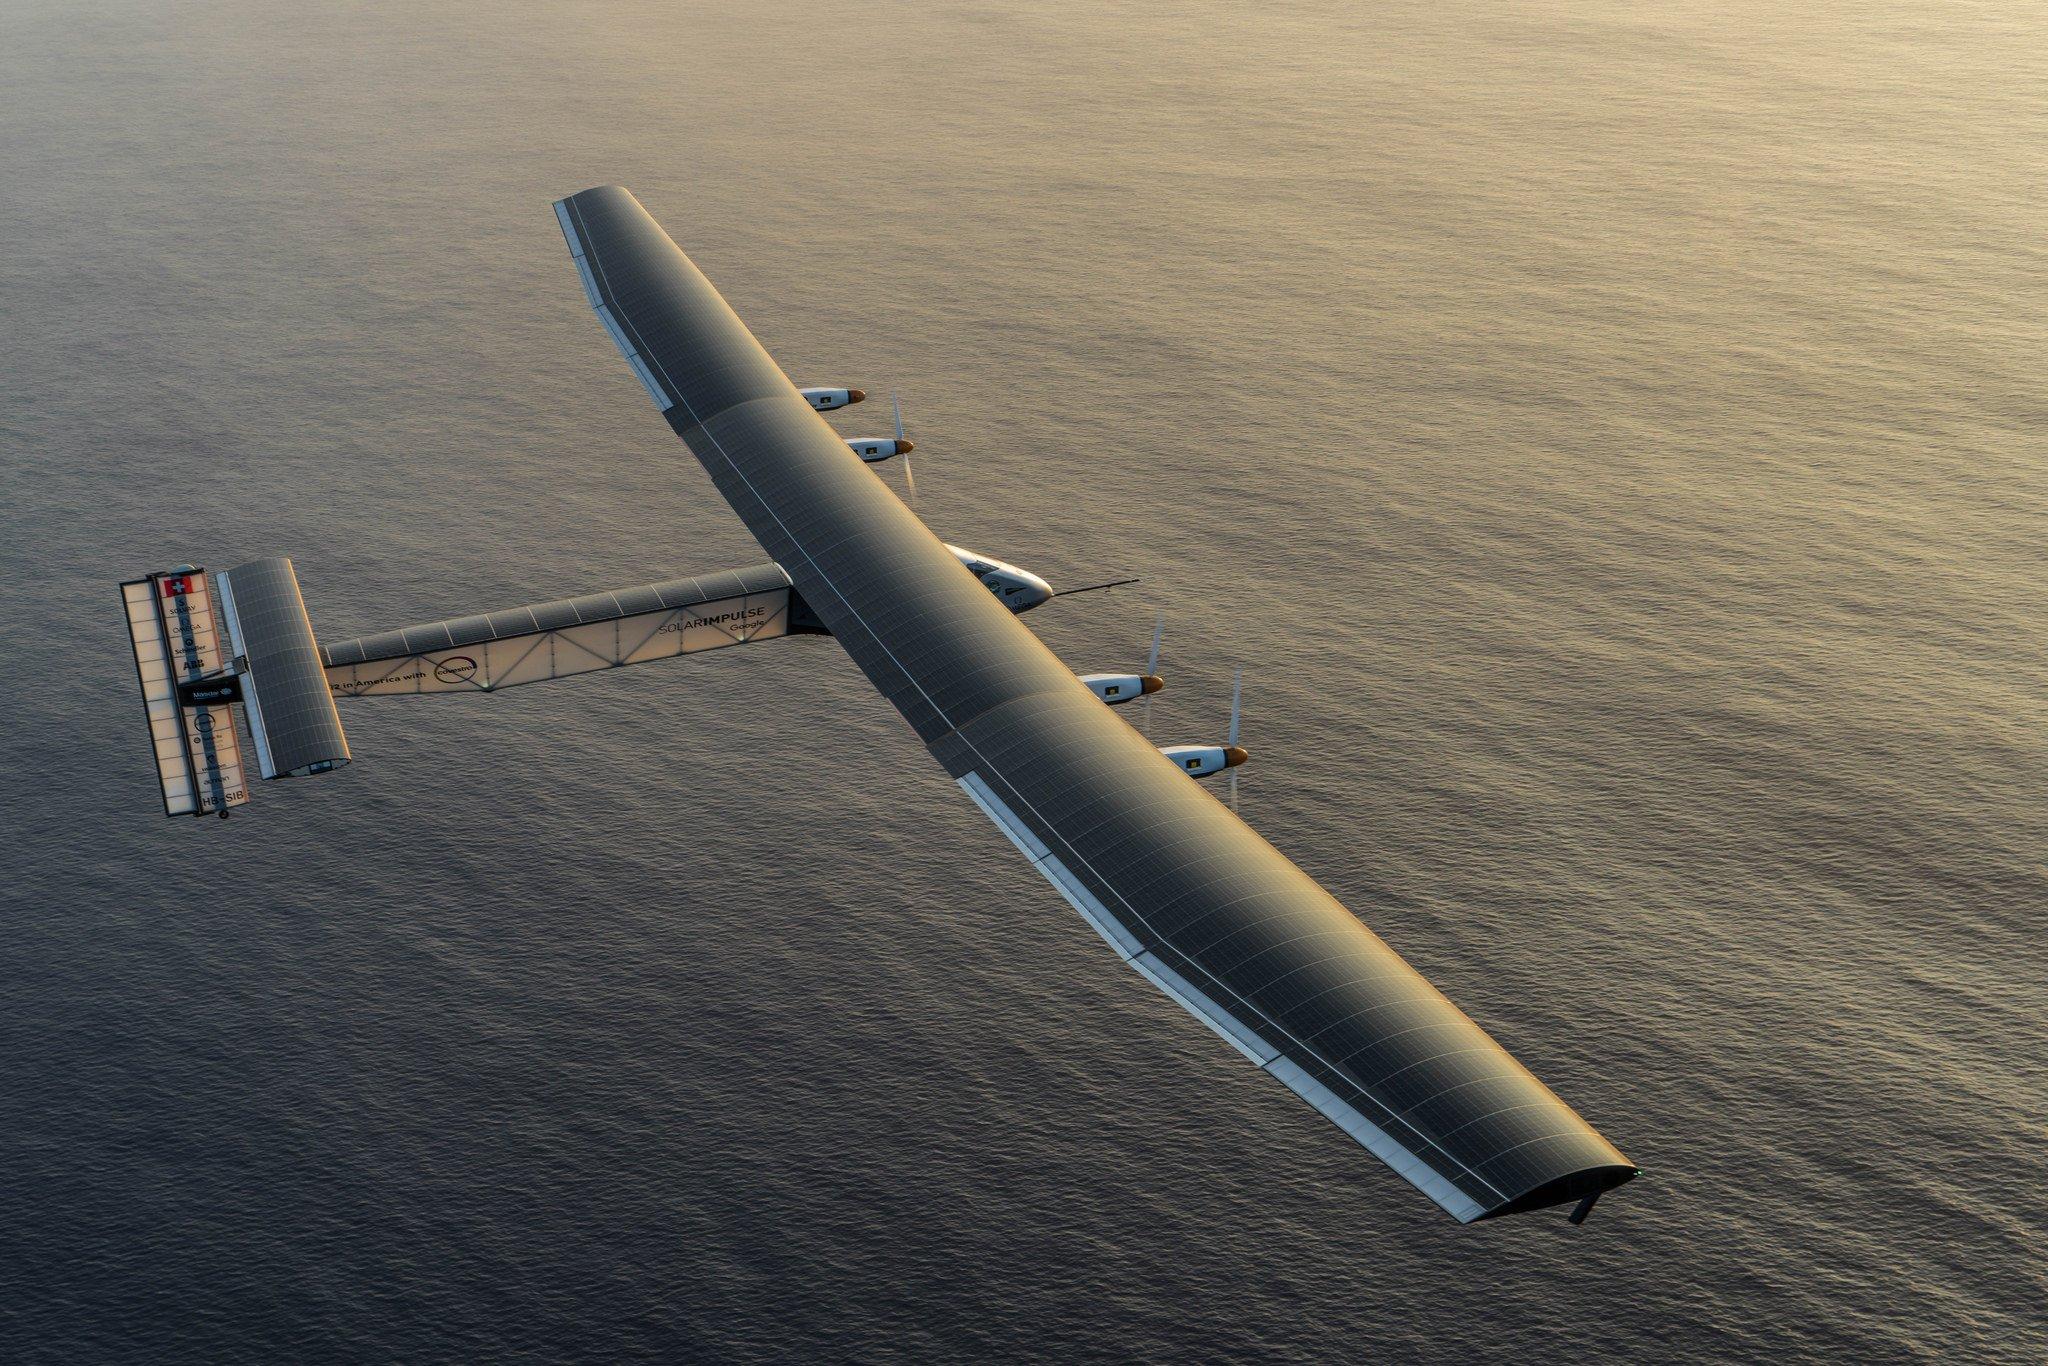 Auf der Oberfläche der Solar Impulse 2 sind 17.248 Solarzellen befestigt. Angetrieben wird sie von vier Elektromotoren mit zusammen 60 PS Leistung.